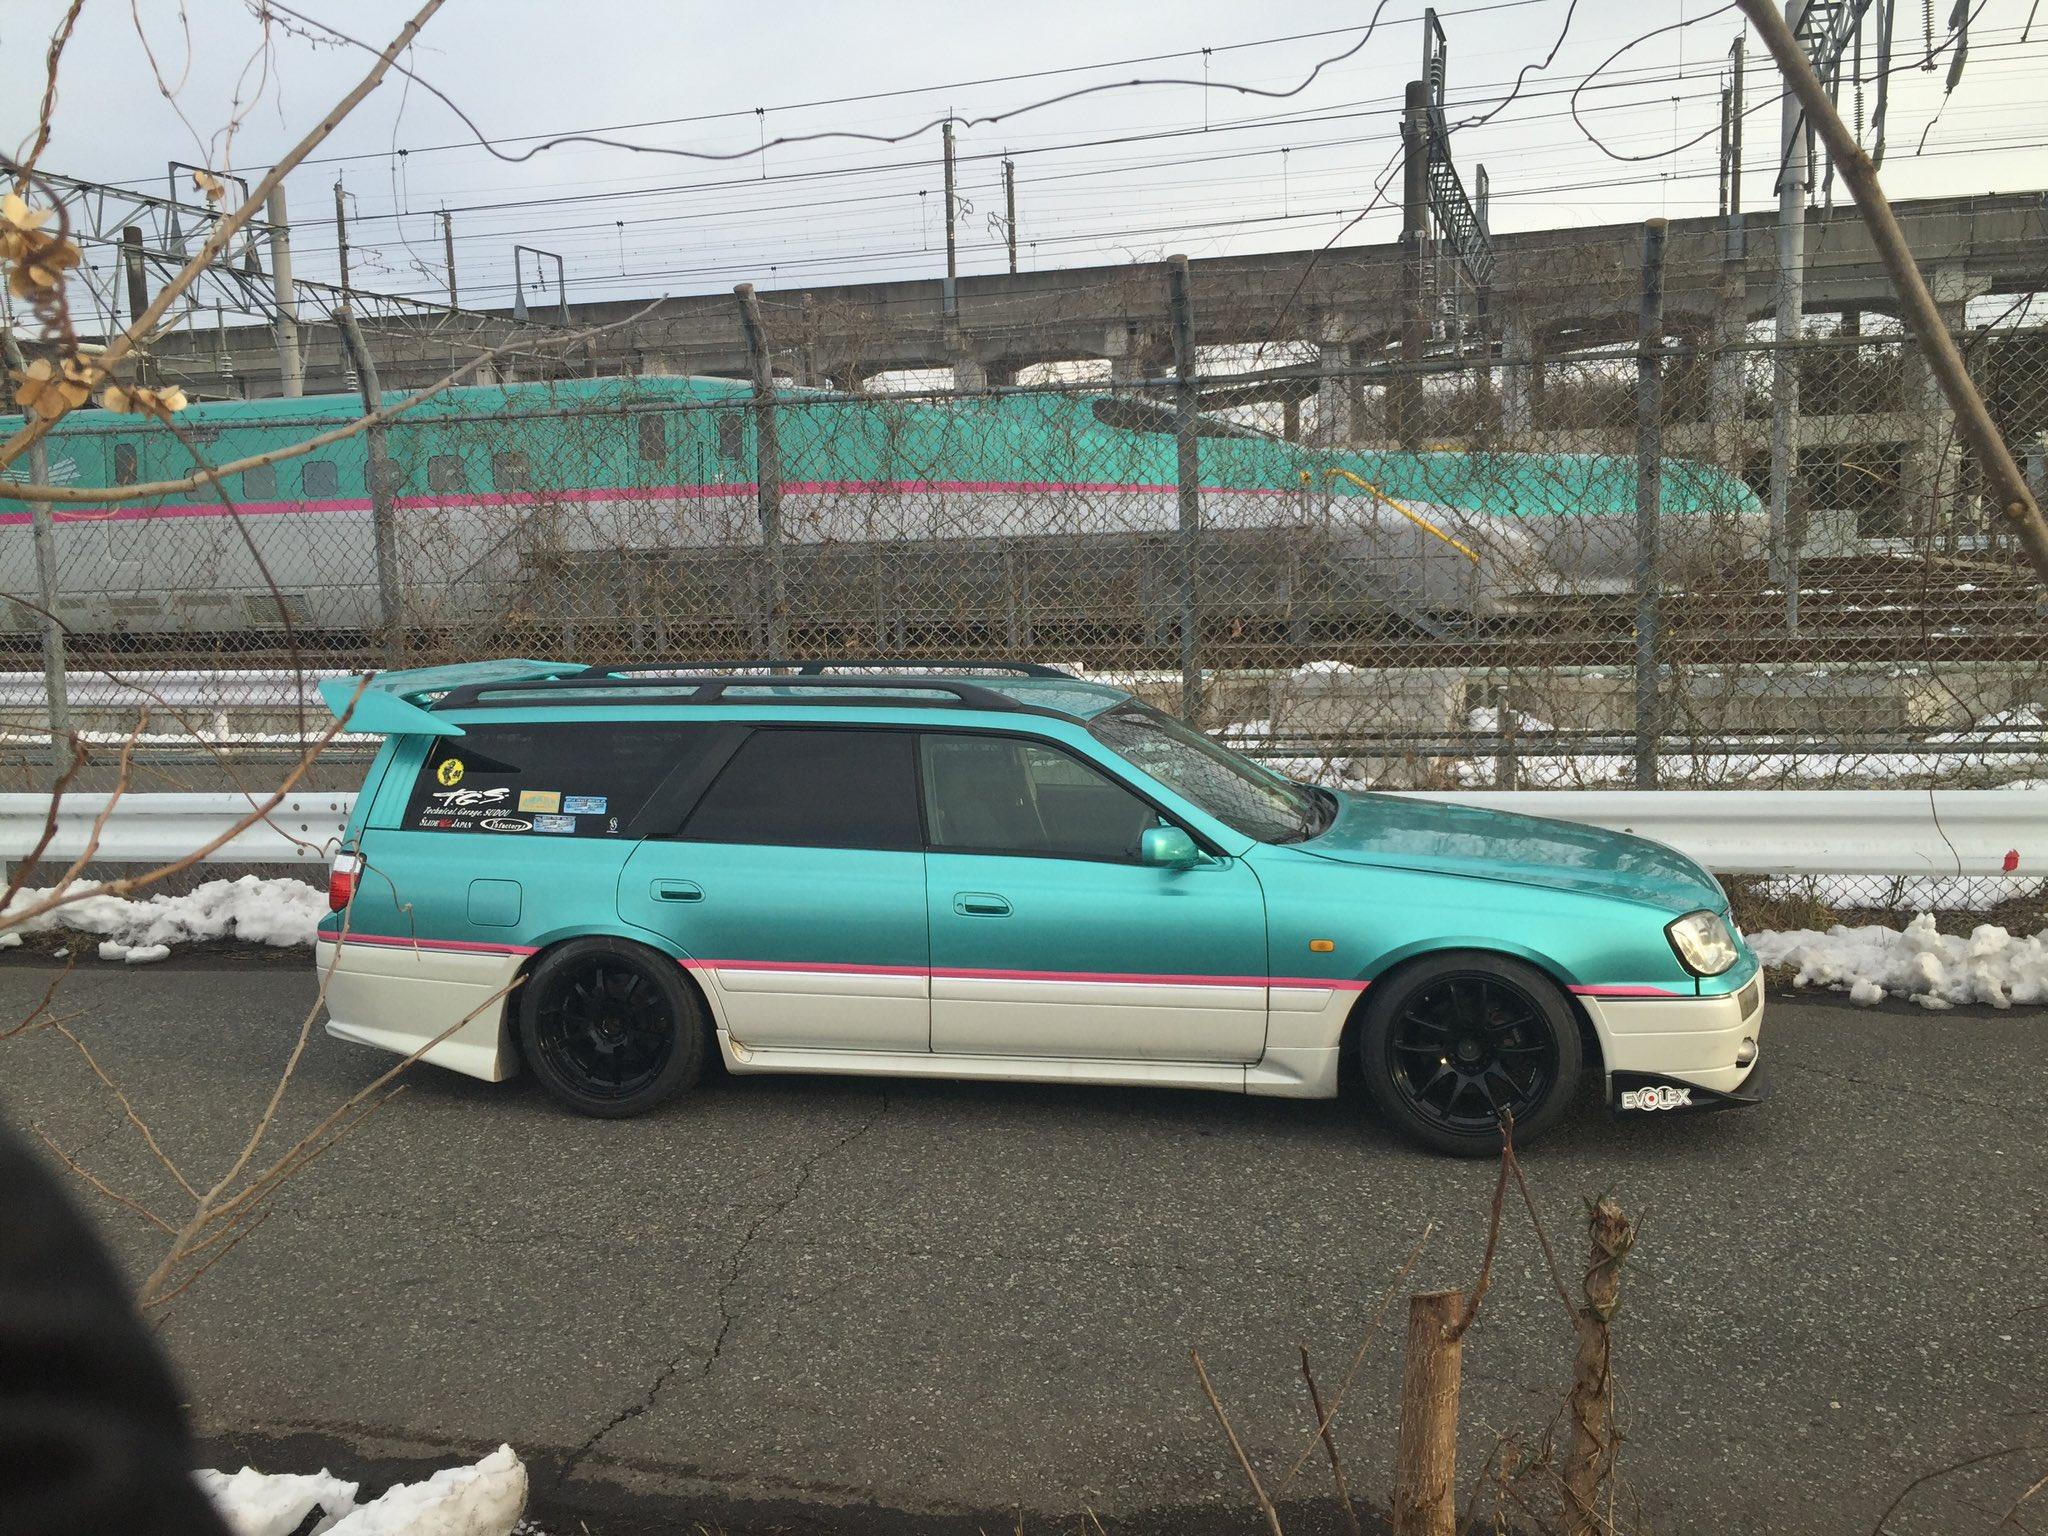 彼氏の車が新幹線でした。死にたいくらい恥ずかしくて惨めな思いのデートでした。 グリーン車もないしマスコンじゃないし、クルマって感じでした。 あたし何かおかしいこと言ってますか?普通の感覚ですよね